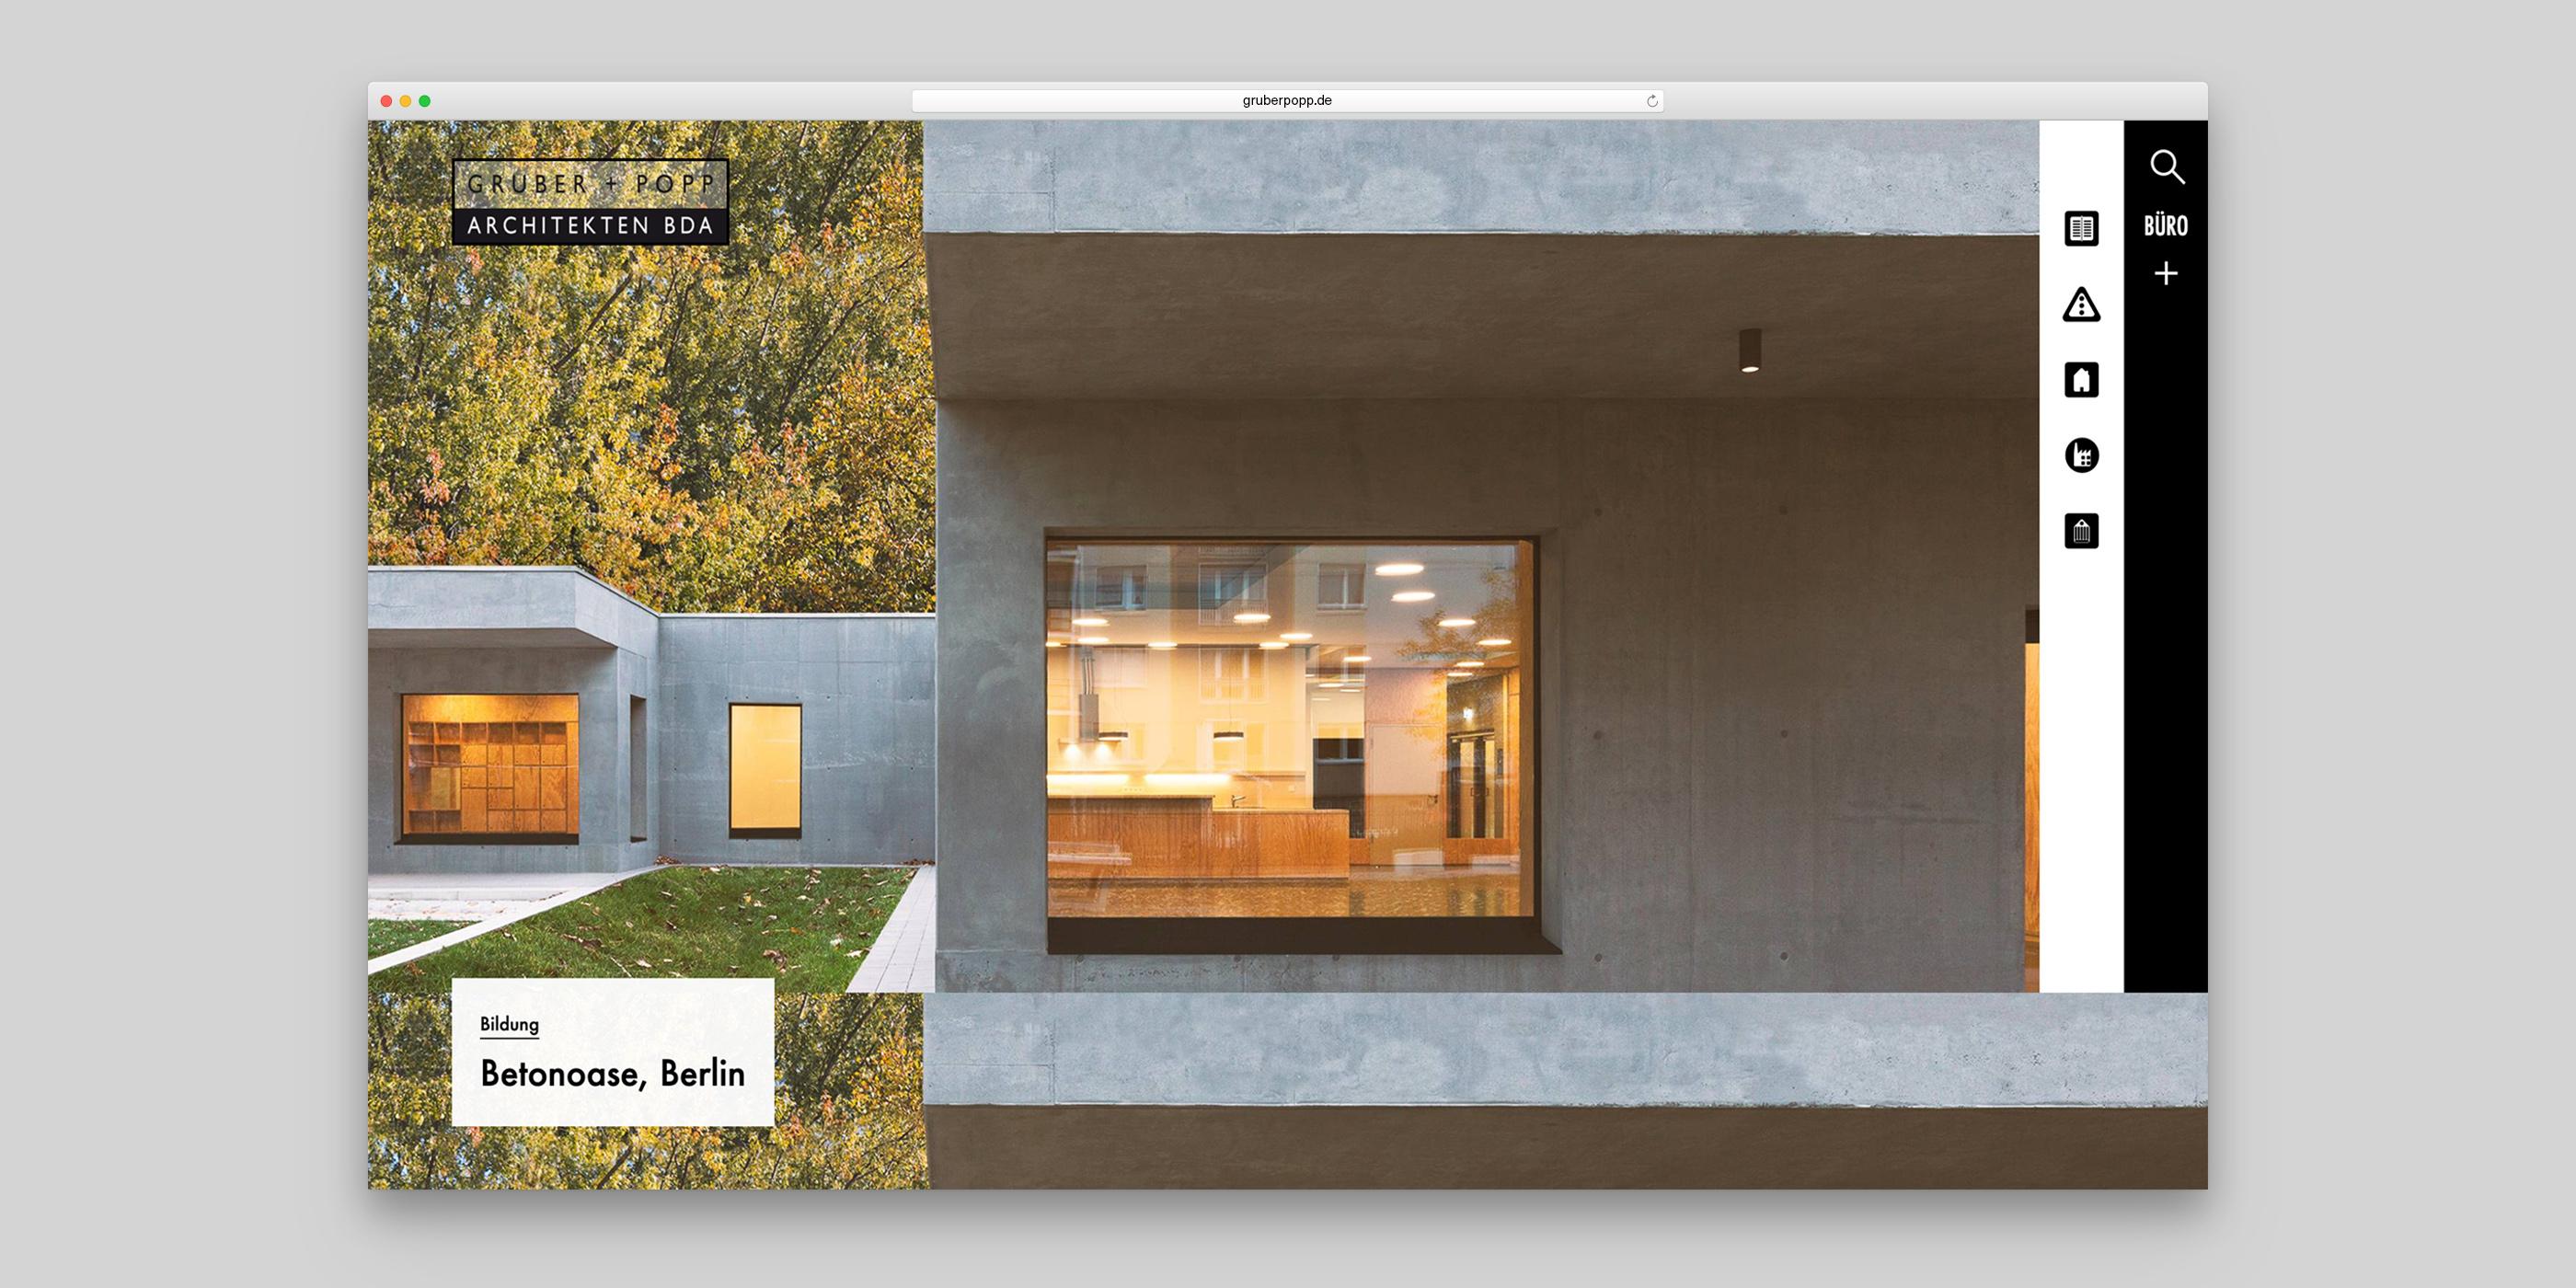 Fassadenansicht des Projektes Betonnase von Gruber und Popp